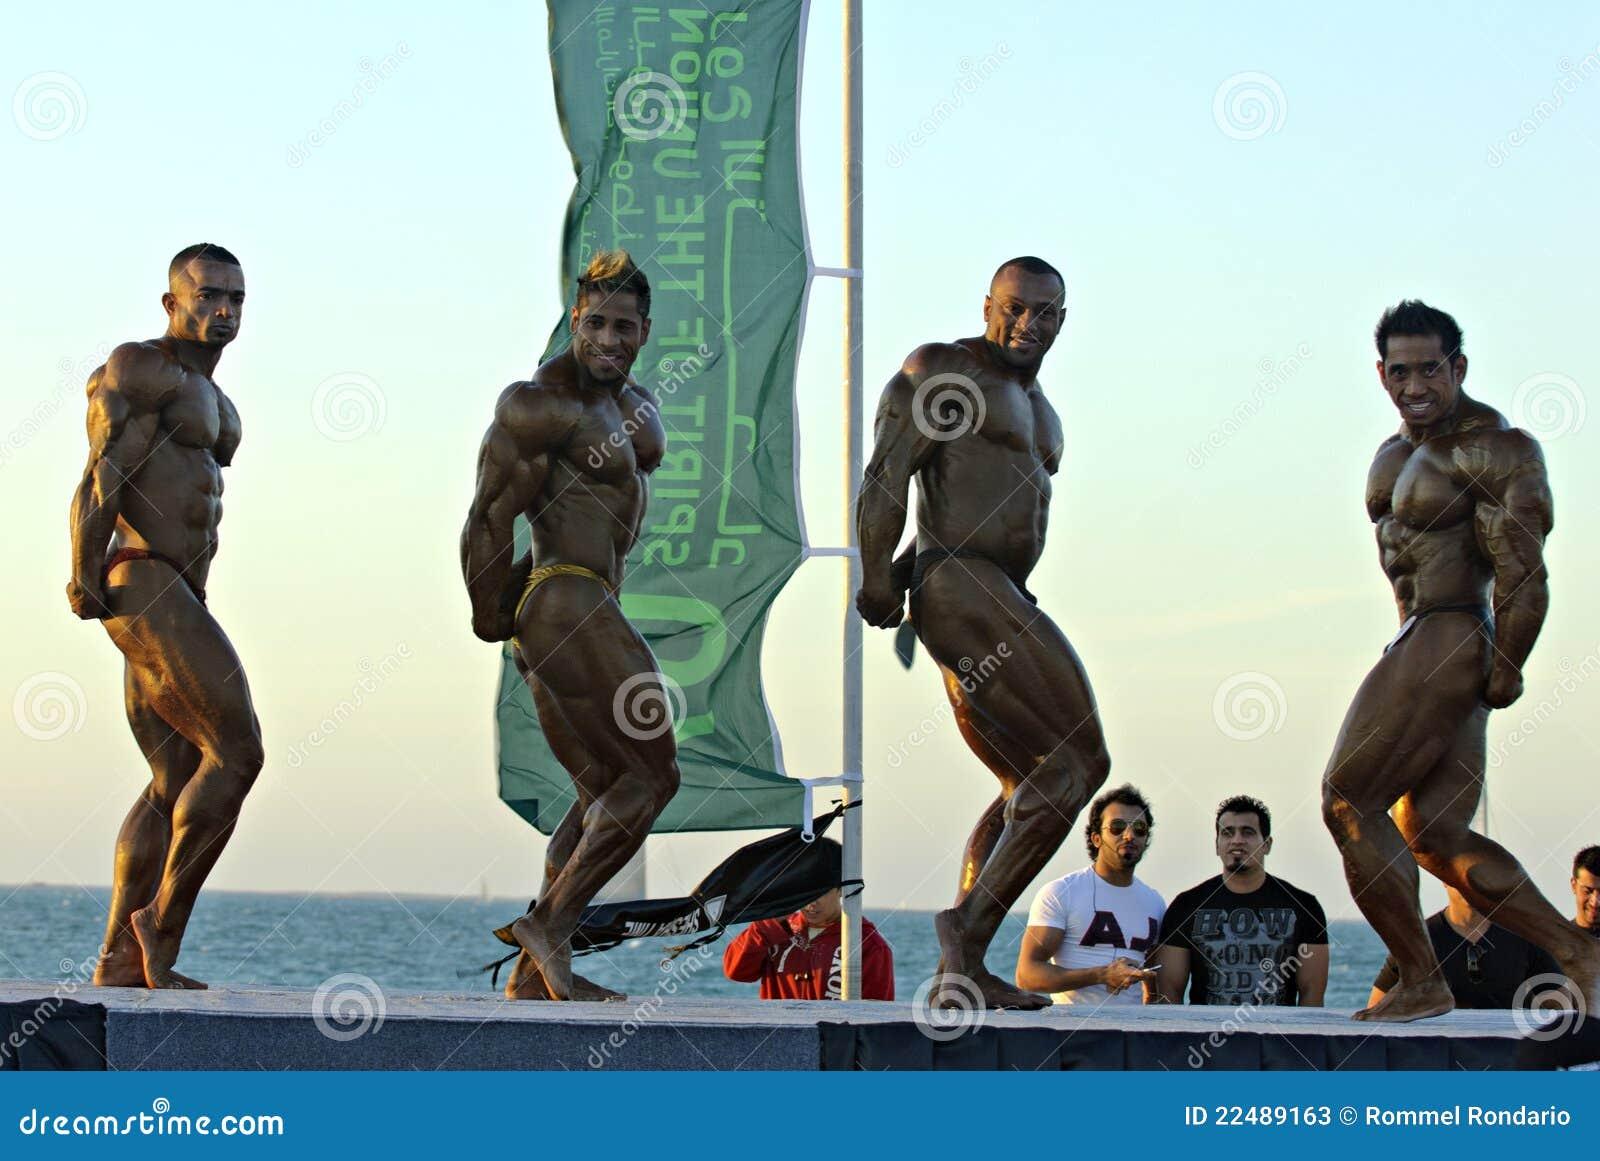 De HEMEL DUIKT Kampioenschap 5 van DOUBAI Bodybuilding